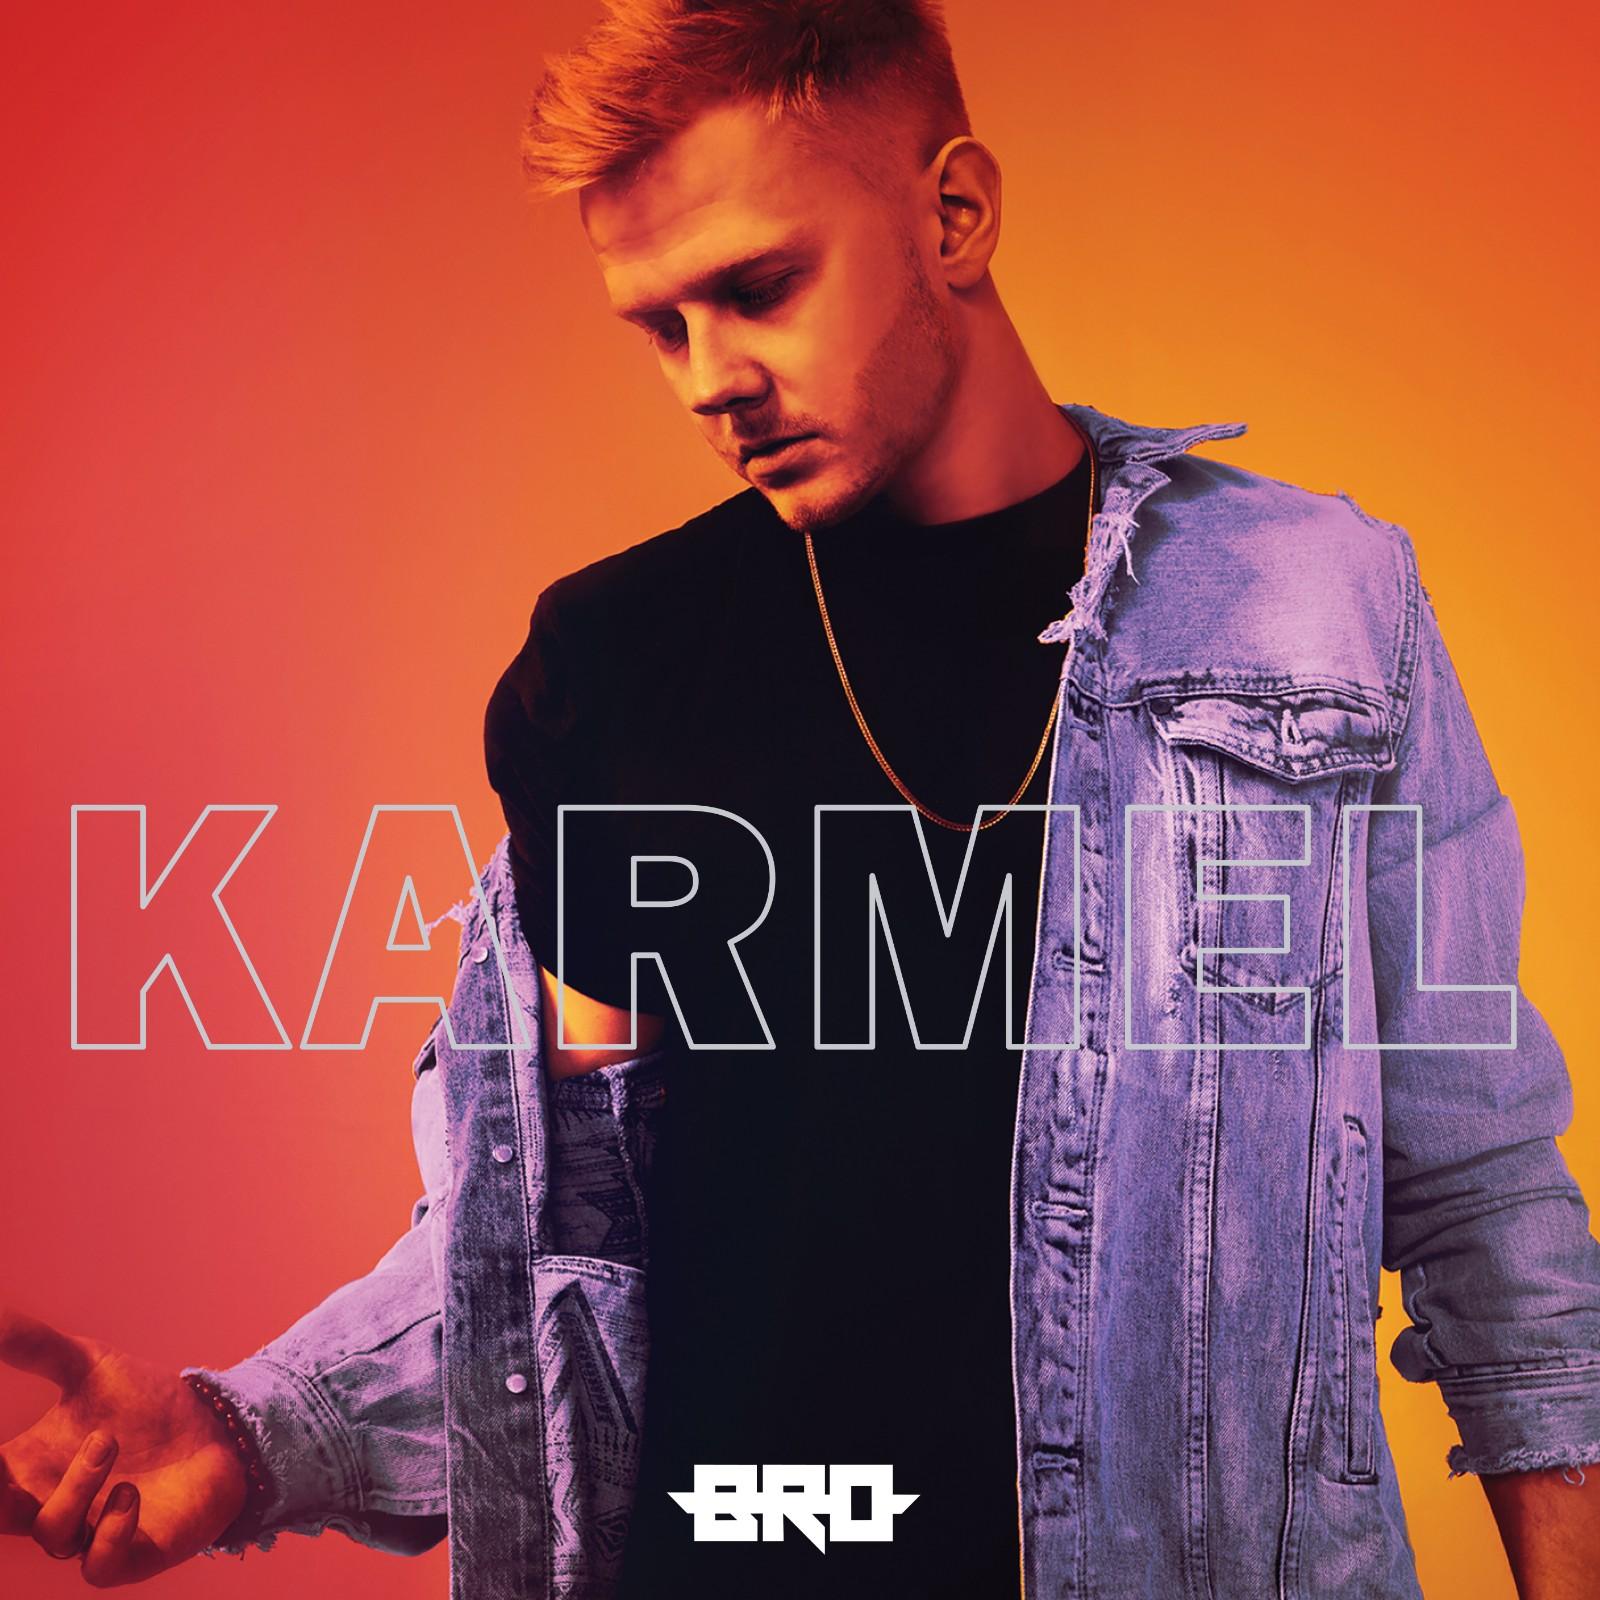 B.R.O prezentuje długo wyczekiwany krążek Karmel